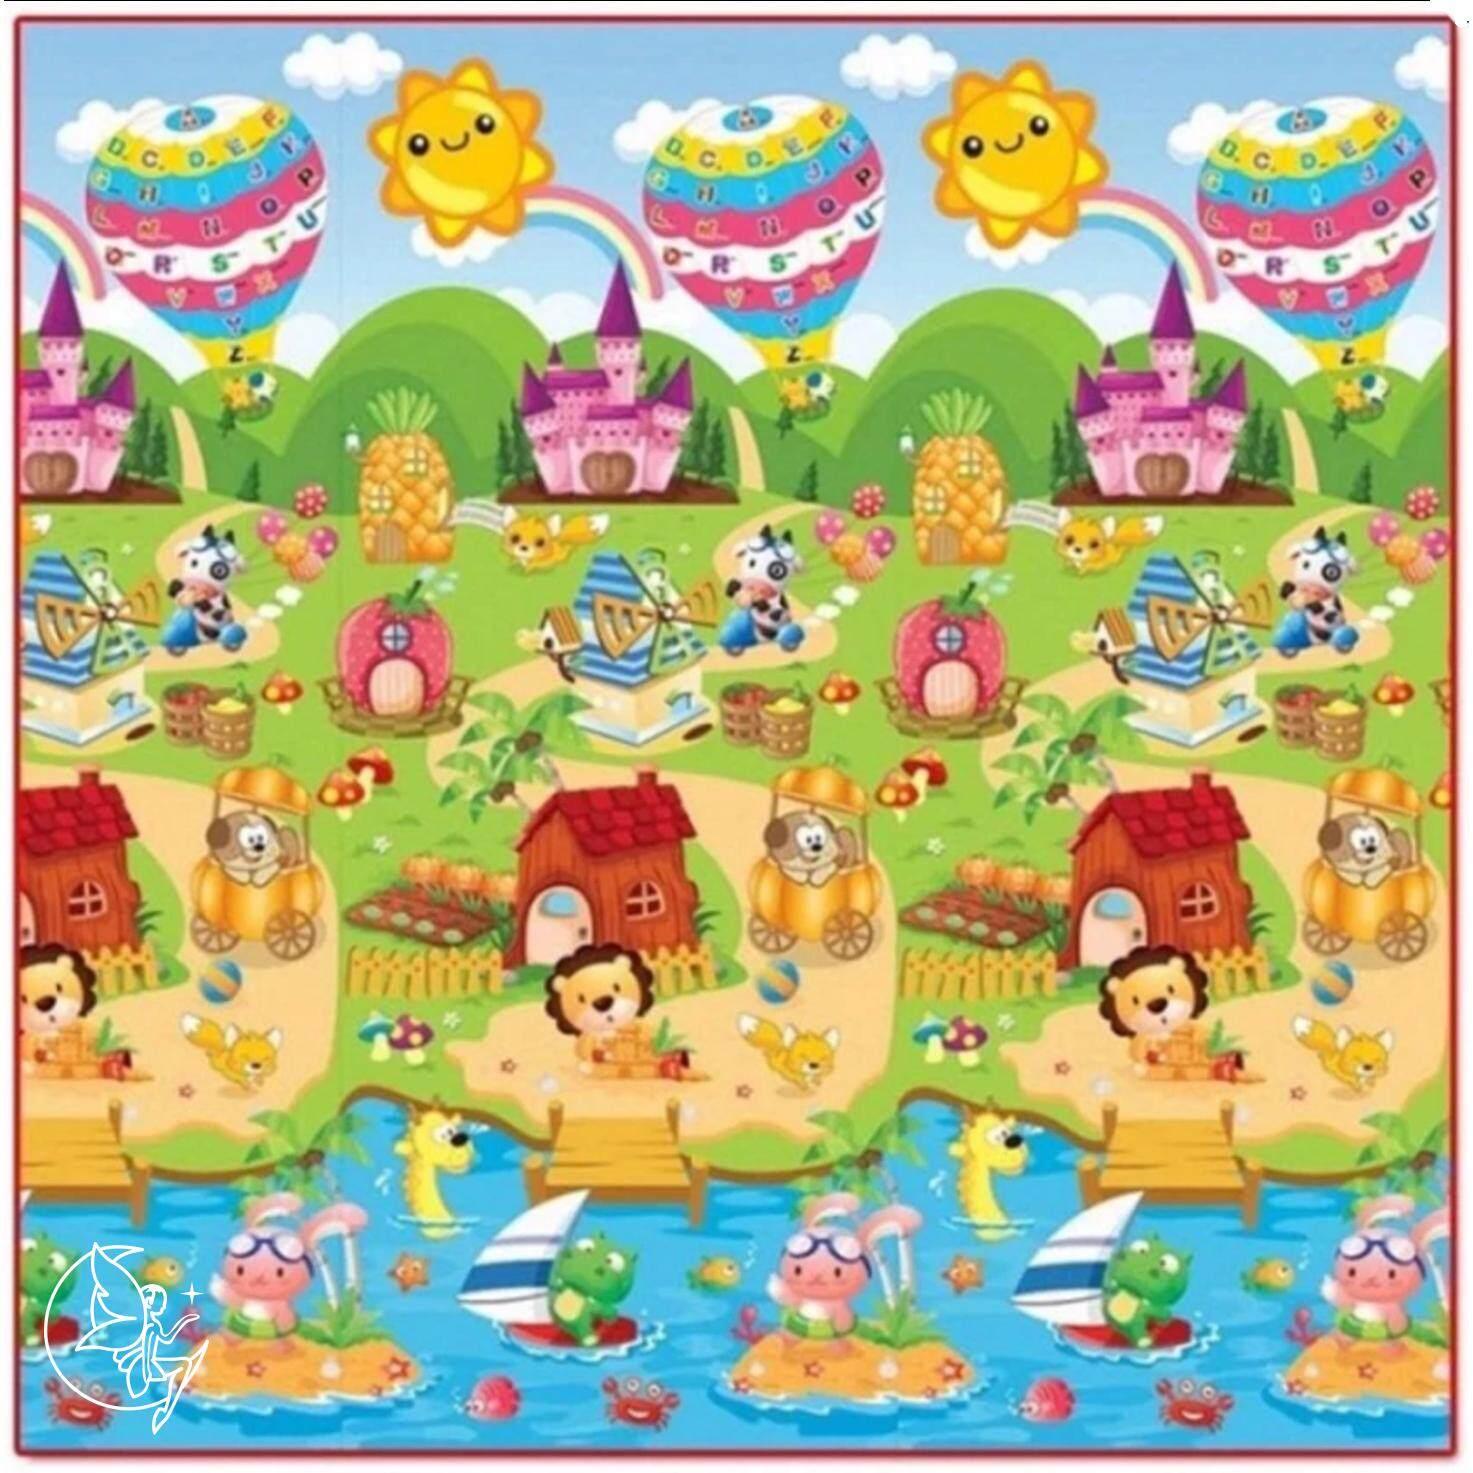 Minlane Kids Lion And Abc Playmats แผ่นรองคลาน เสื่อรองคลาน ลาย สิงโต และ เอบีซี ความหนา 2 ซม ขนาด 200 180 2 Cm ใหม่ล่าสุด